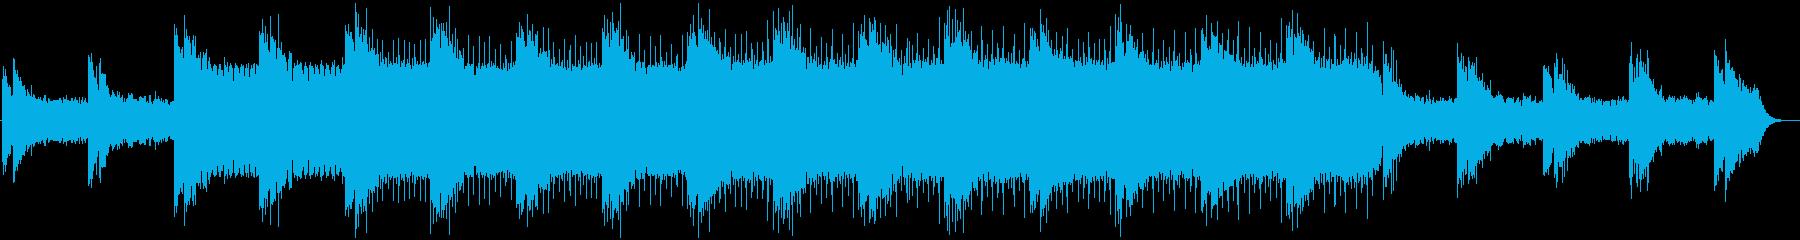 シンセ音が怪しい雰囲気を演出するBGMの再生済みの波形